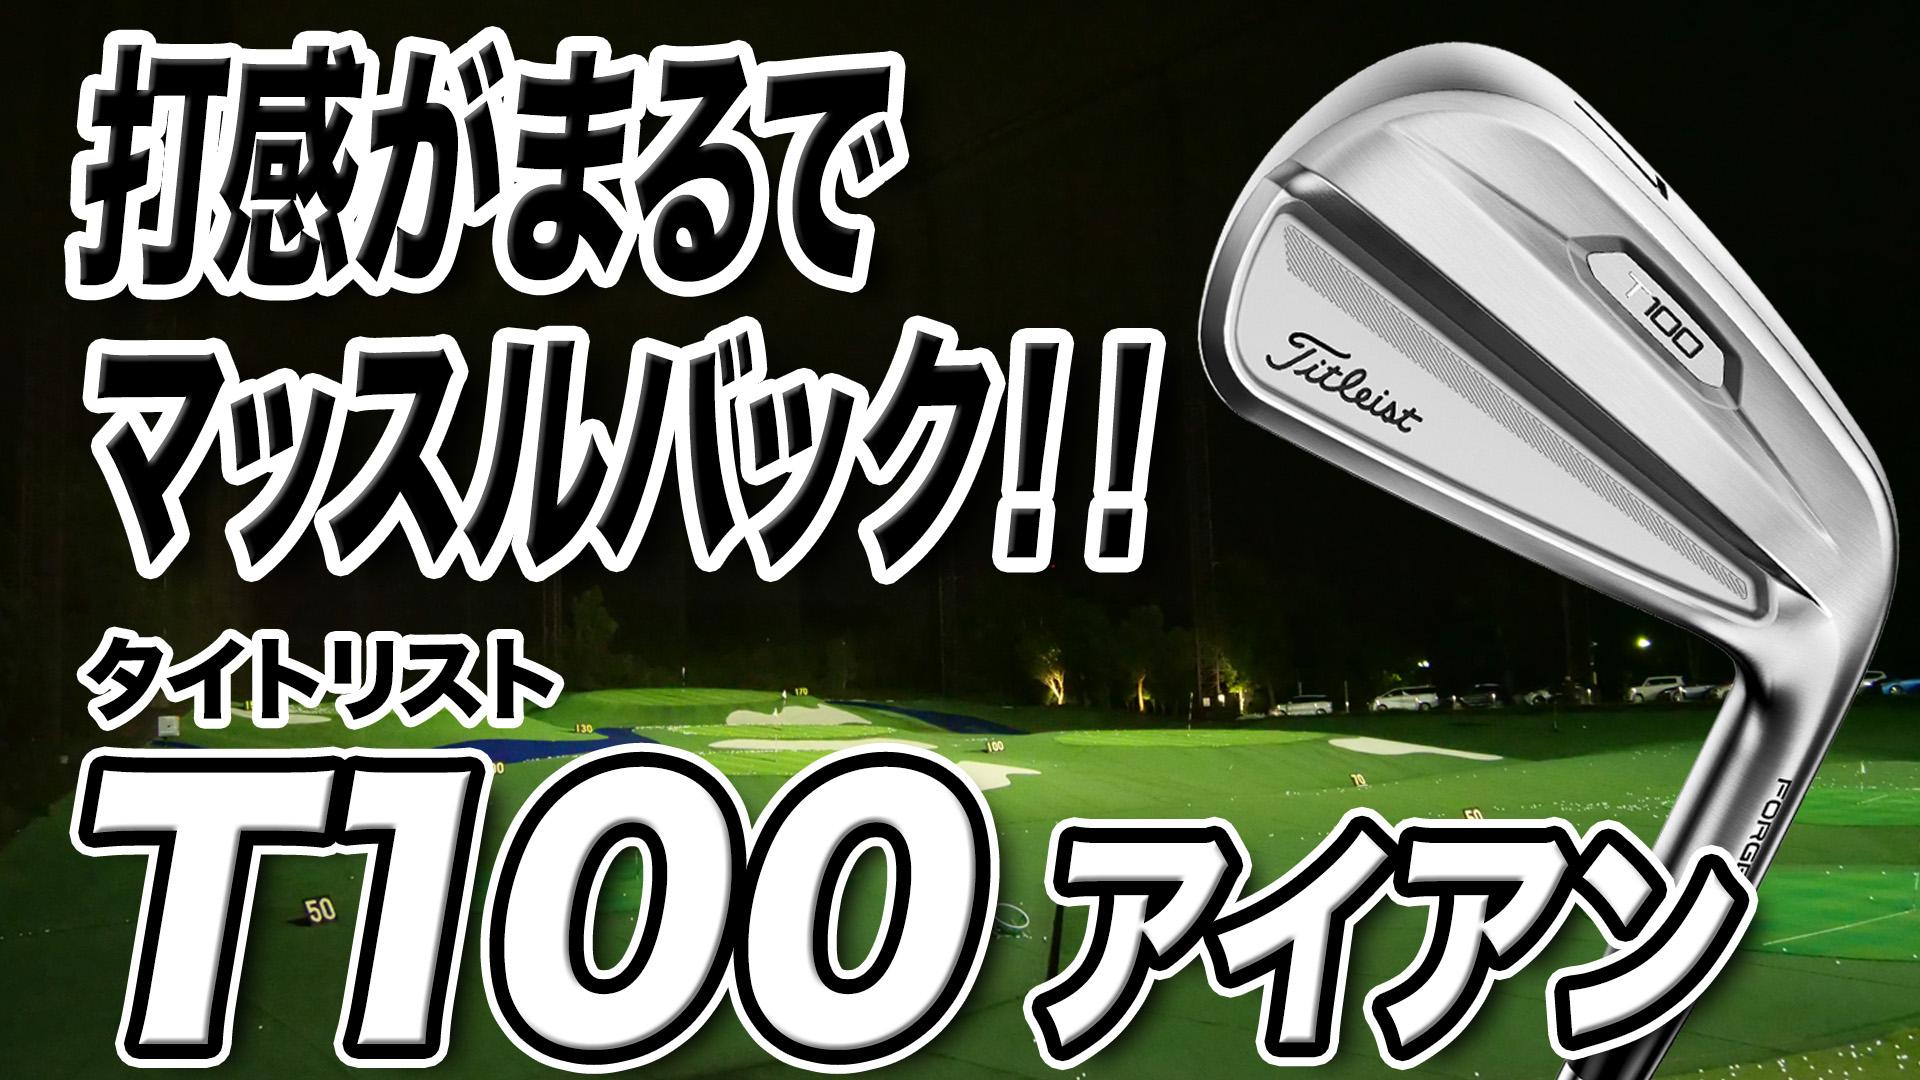 タイトリスト「T100 アイアン」【レビュー企画】